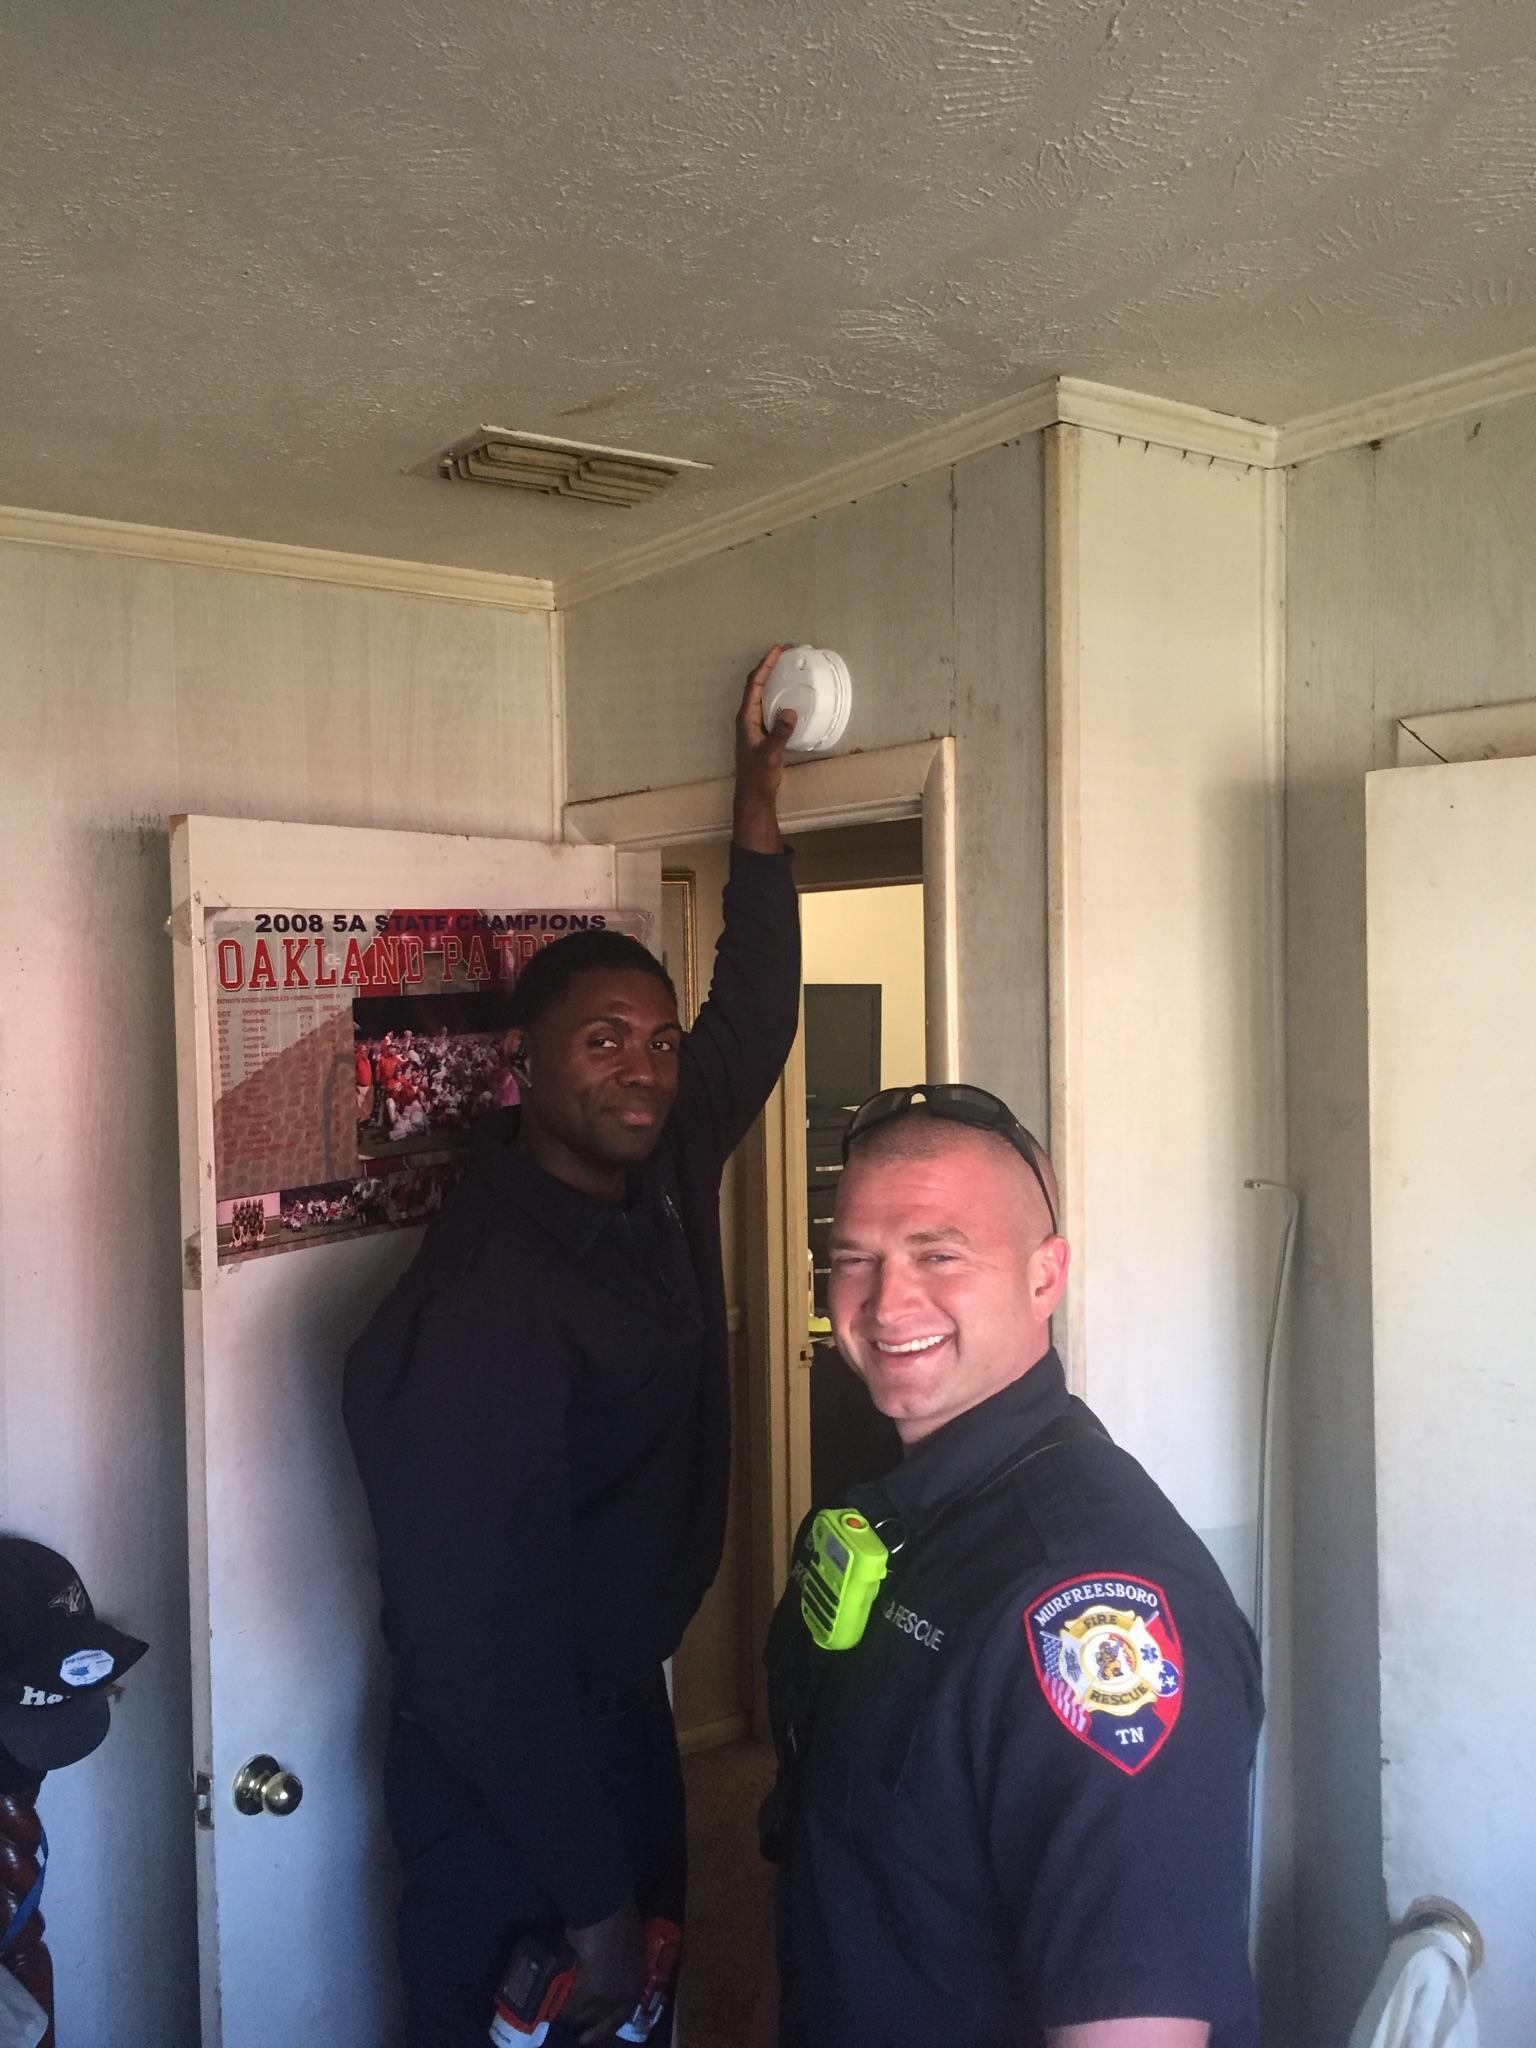 Murfreesboro Fire and Rescue install OVER 100 smoke alarms for free in Murfreesboro